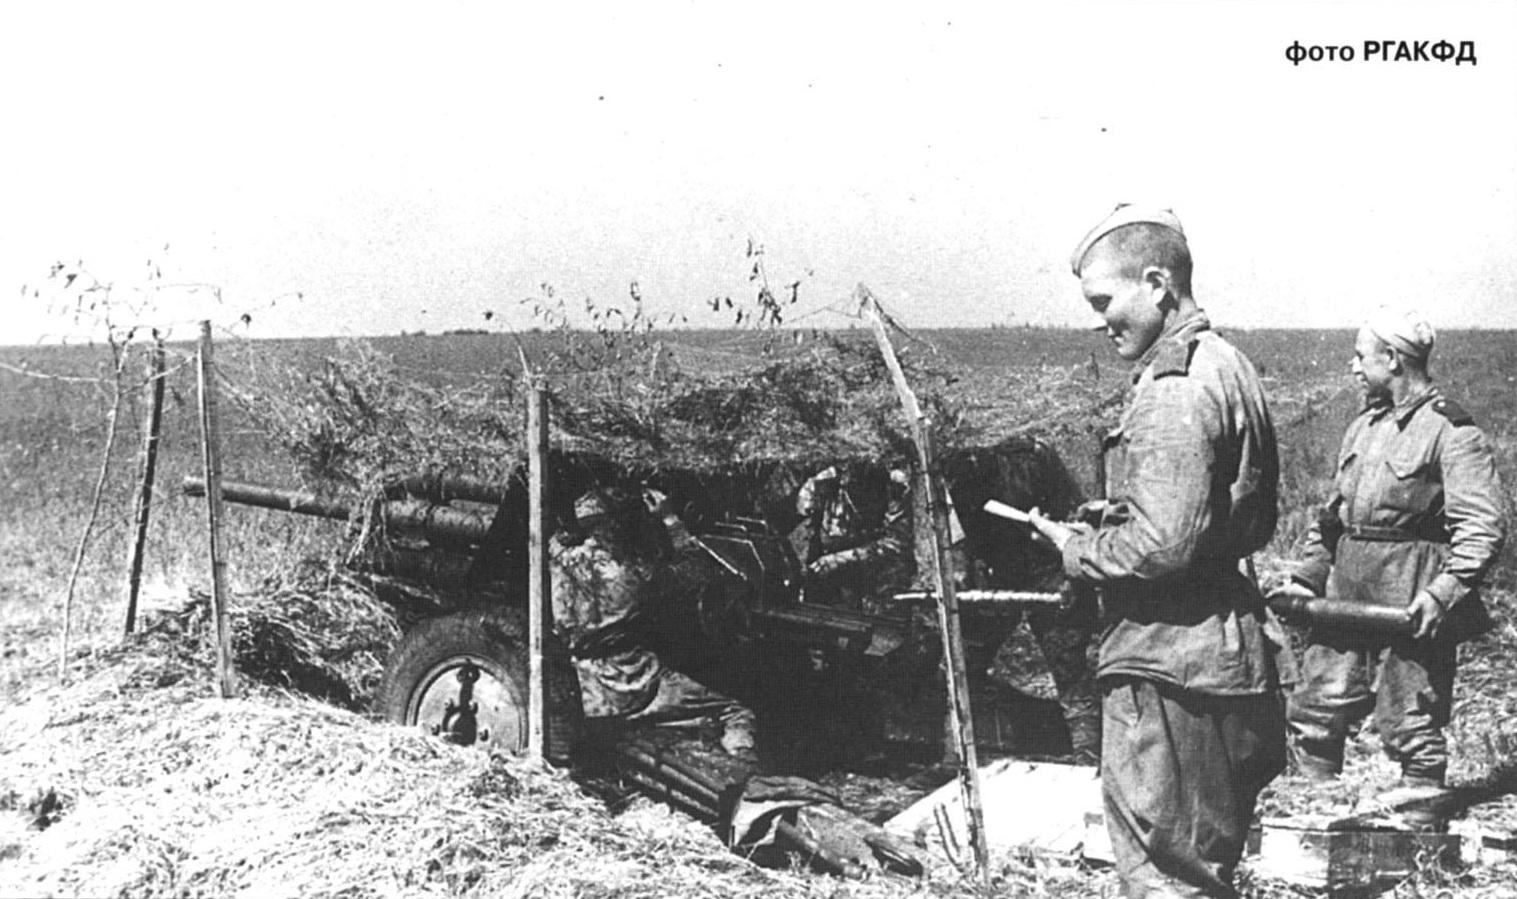 фото пушки УСВ на замаскированной позиции, 1943 год